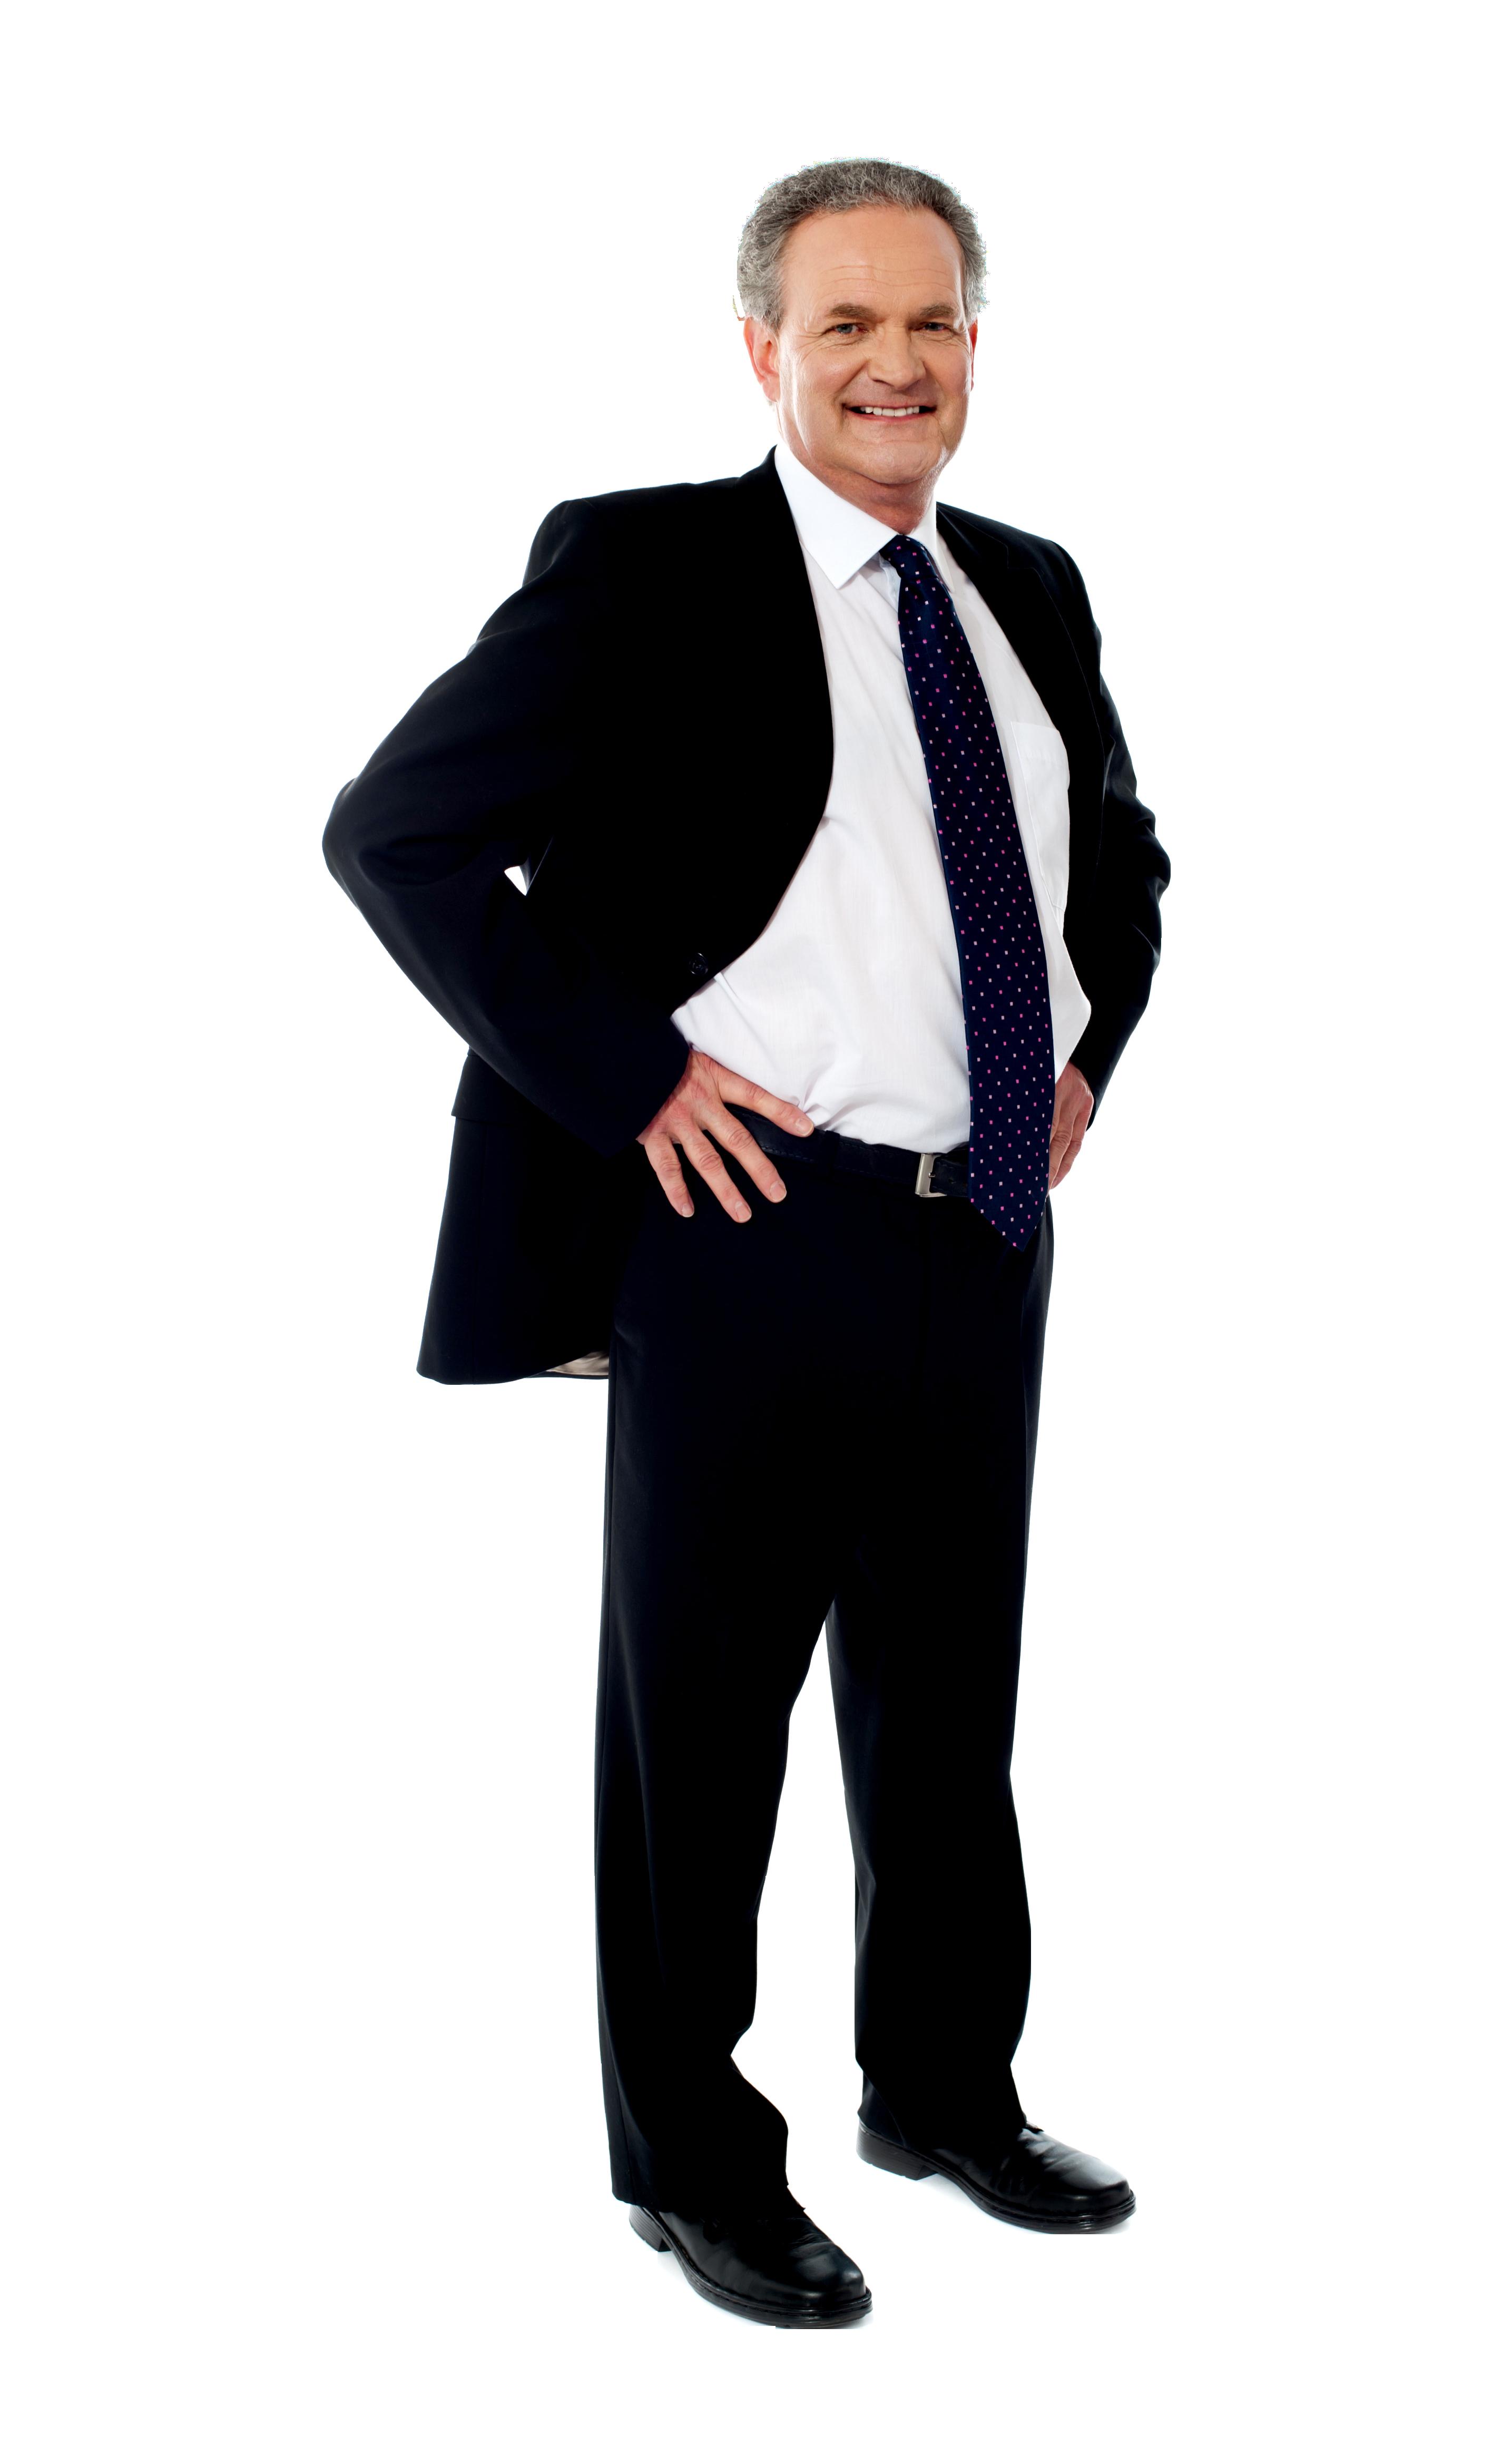 men in suit png image mens suits suits men men in suit png image mens suits